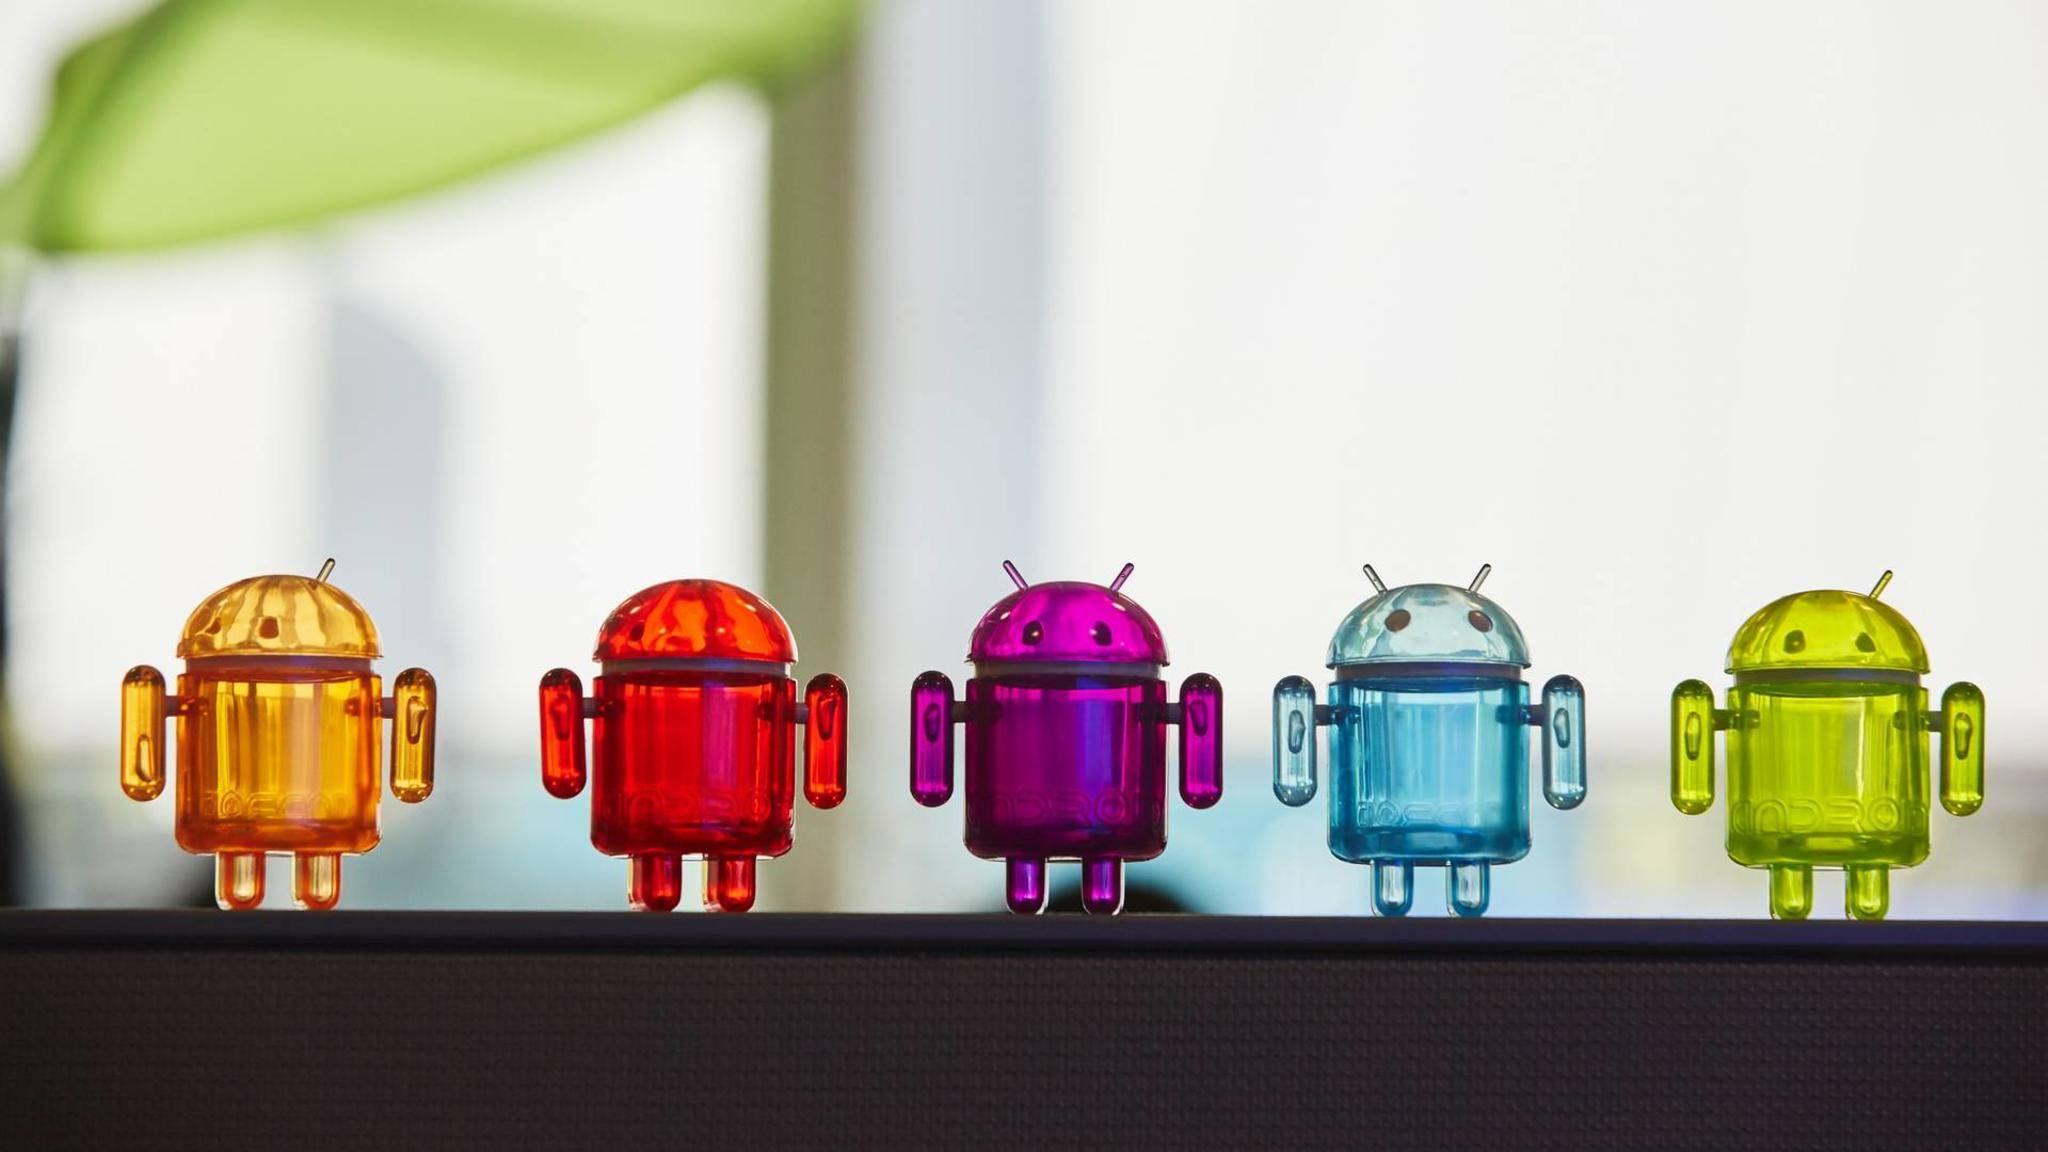 Die mit Adware infizierten Android-Apps wurden 440 Millionen mal installiert.